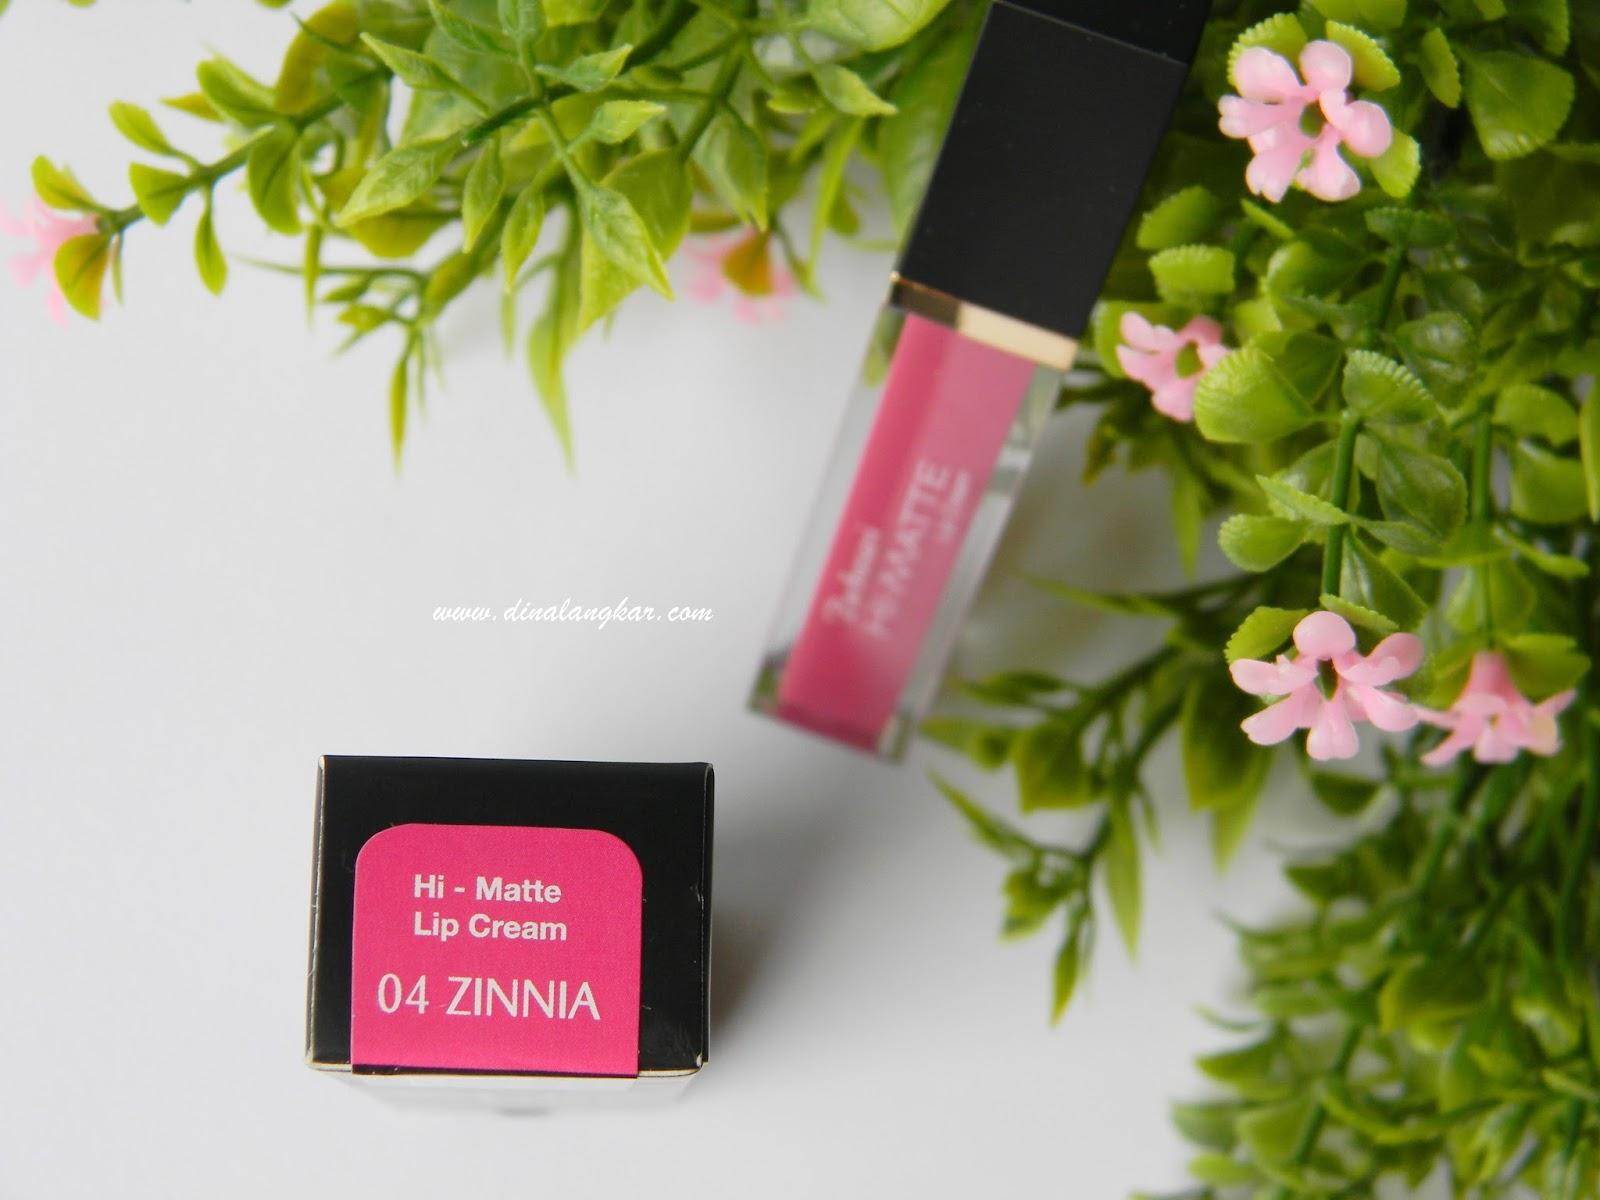 Purbasari Hi Matte Lip Cream No4 Zinnia Review Yulini Fahdina Ini Sudah Disertai Vitamin E Dan Uv Filter Yang Artinya Dapat Melindungi Dari Paparan Sinar Matahari Menjaga